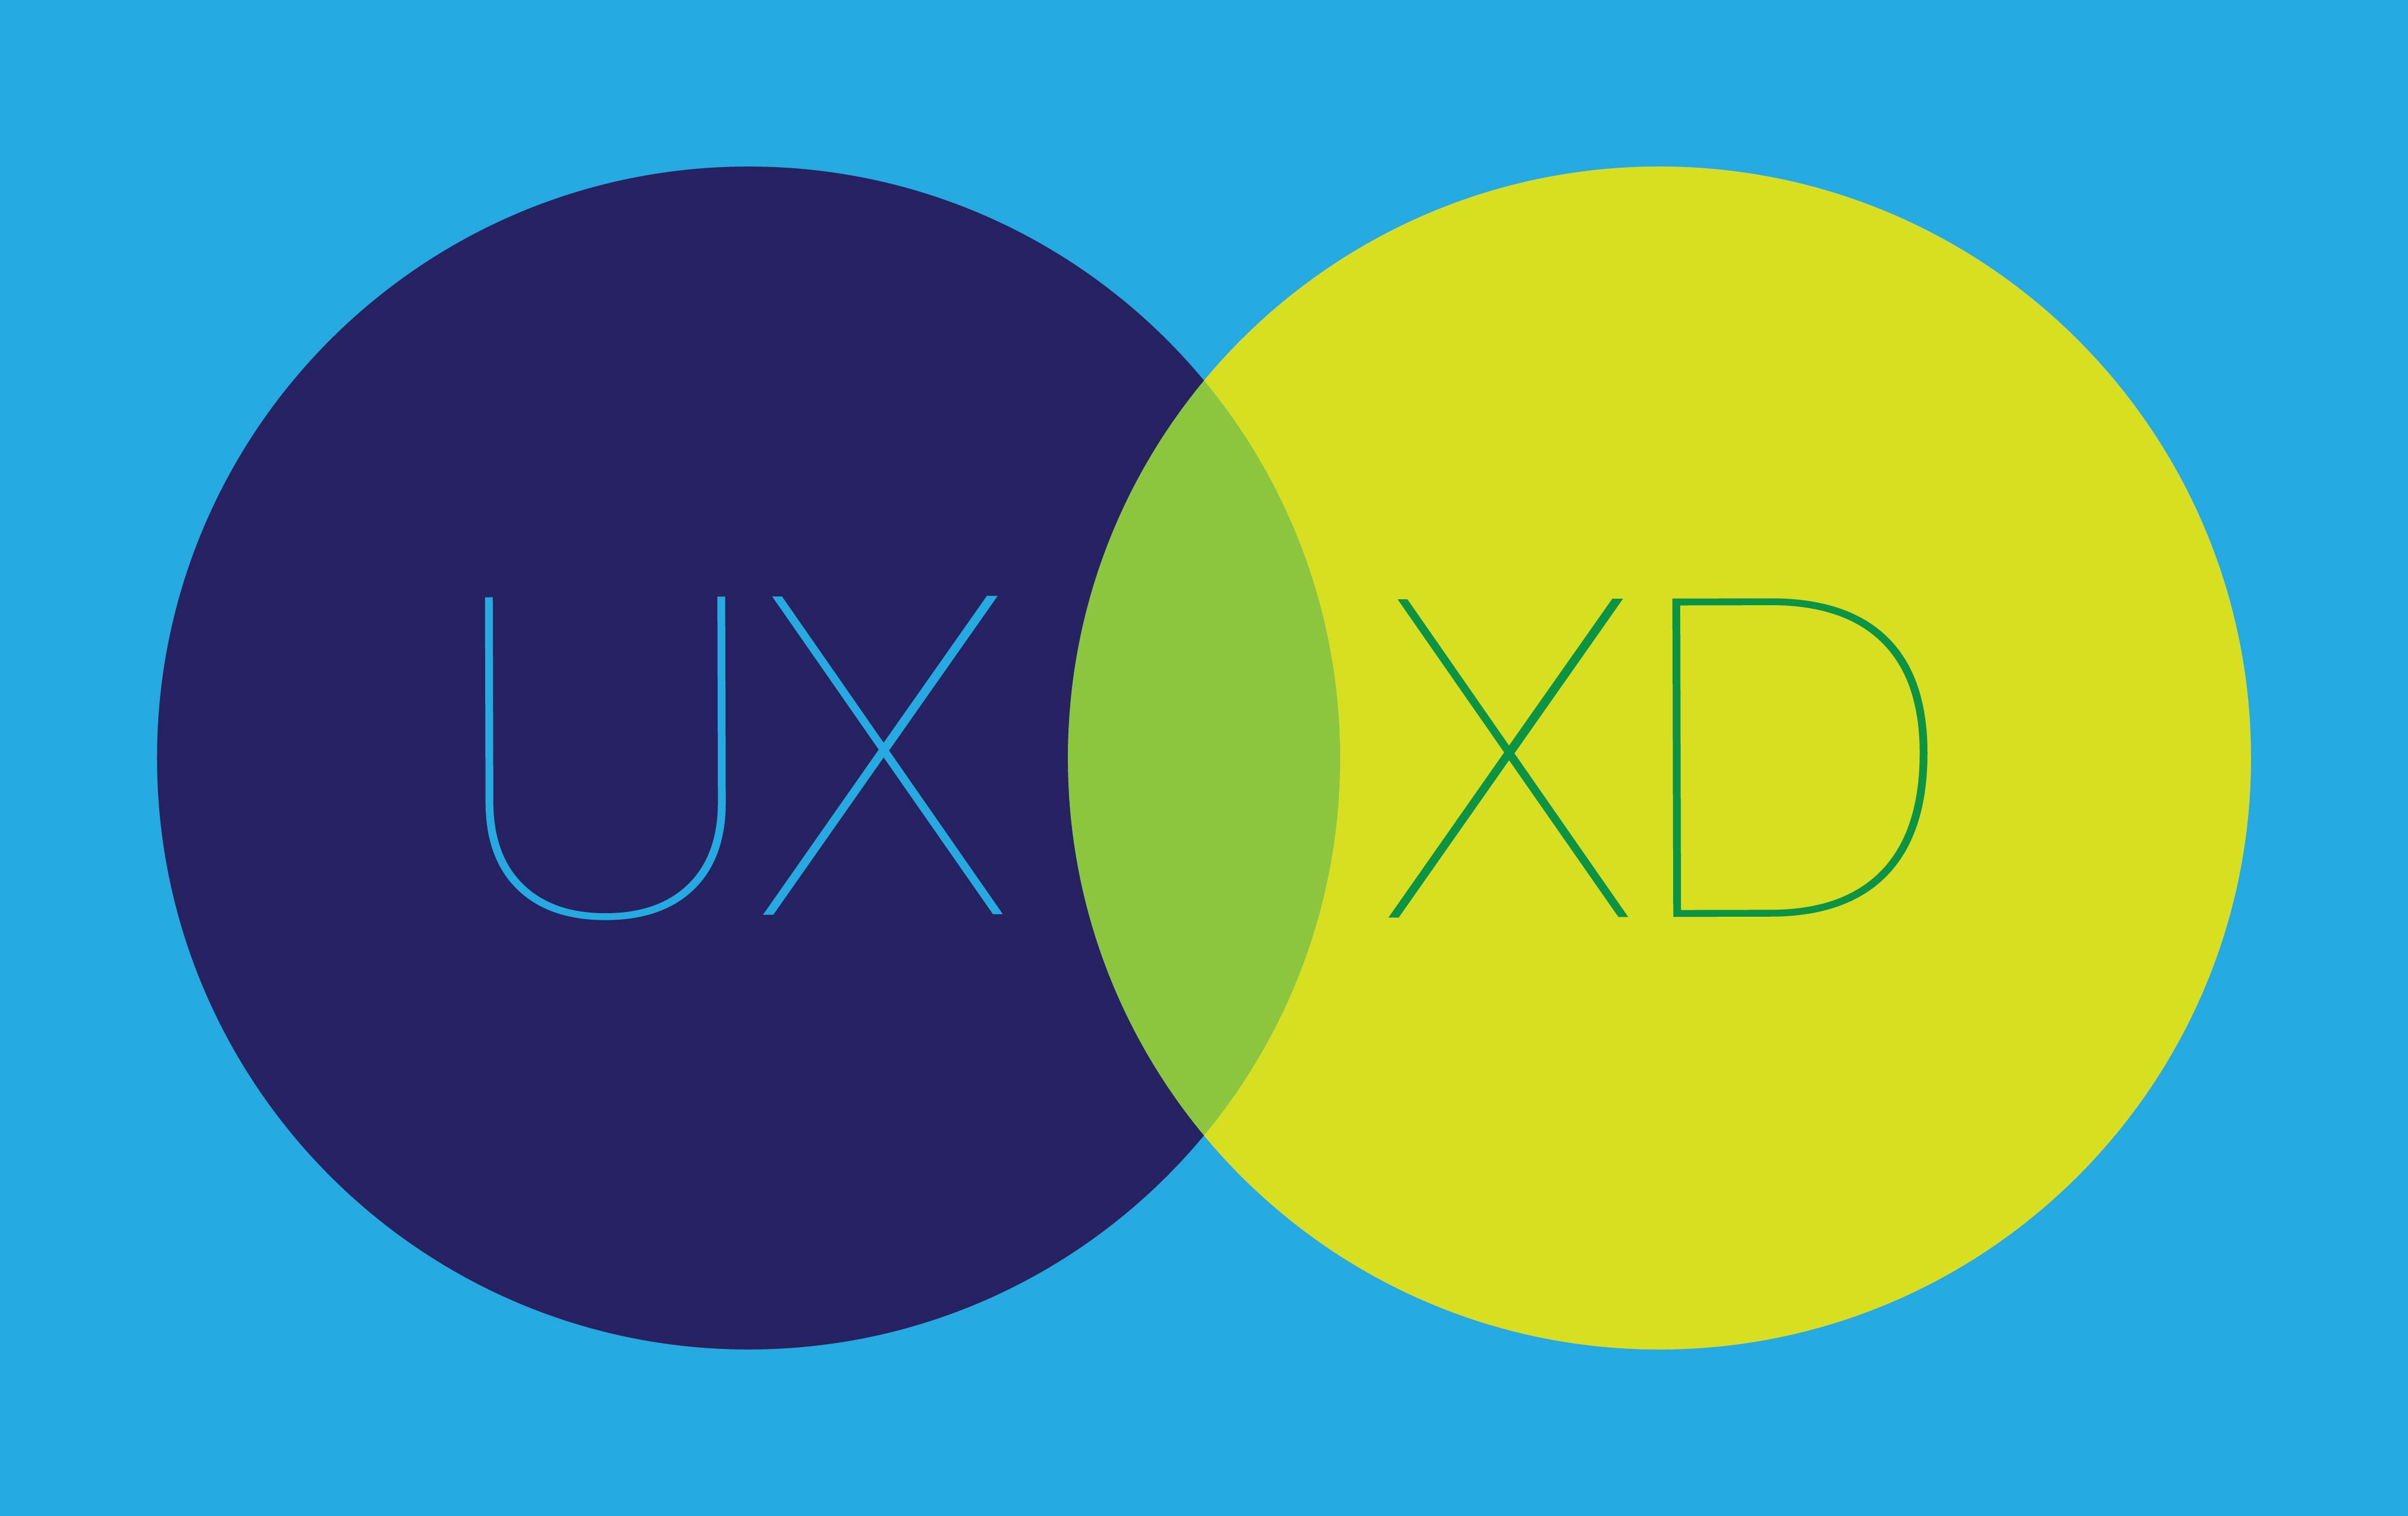 آموزش UX : یو ایکس چیه ؟ (بخش اول)